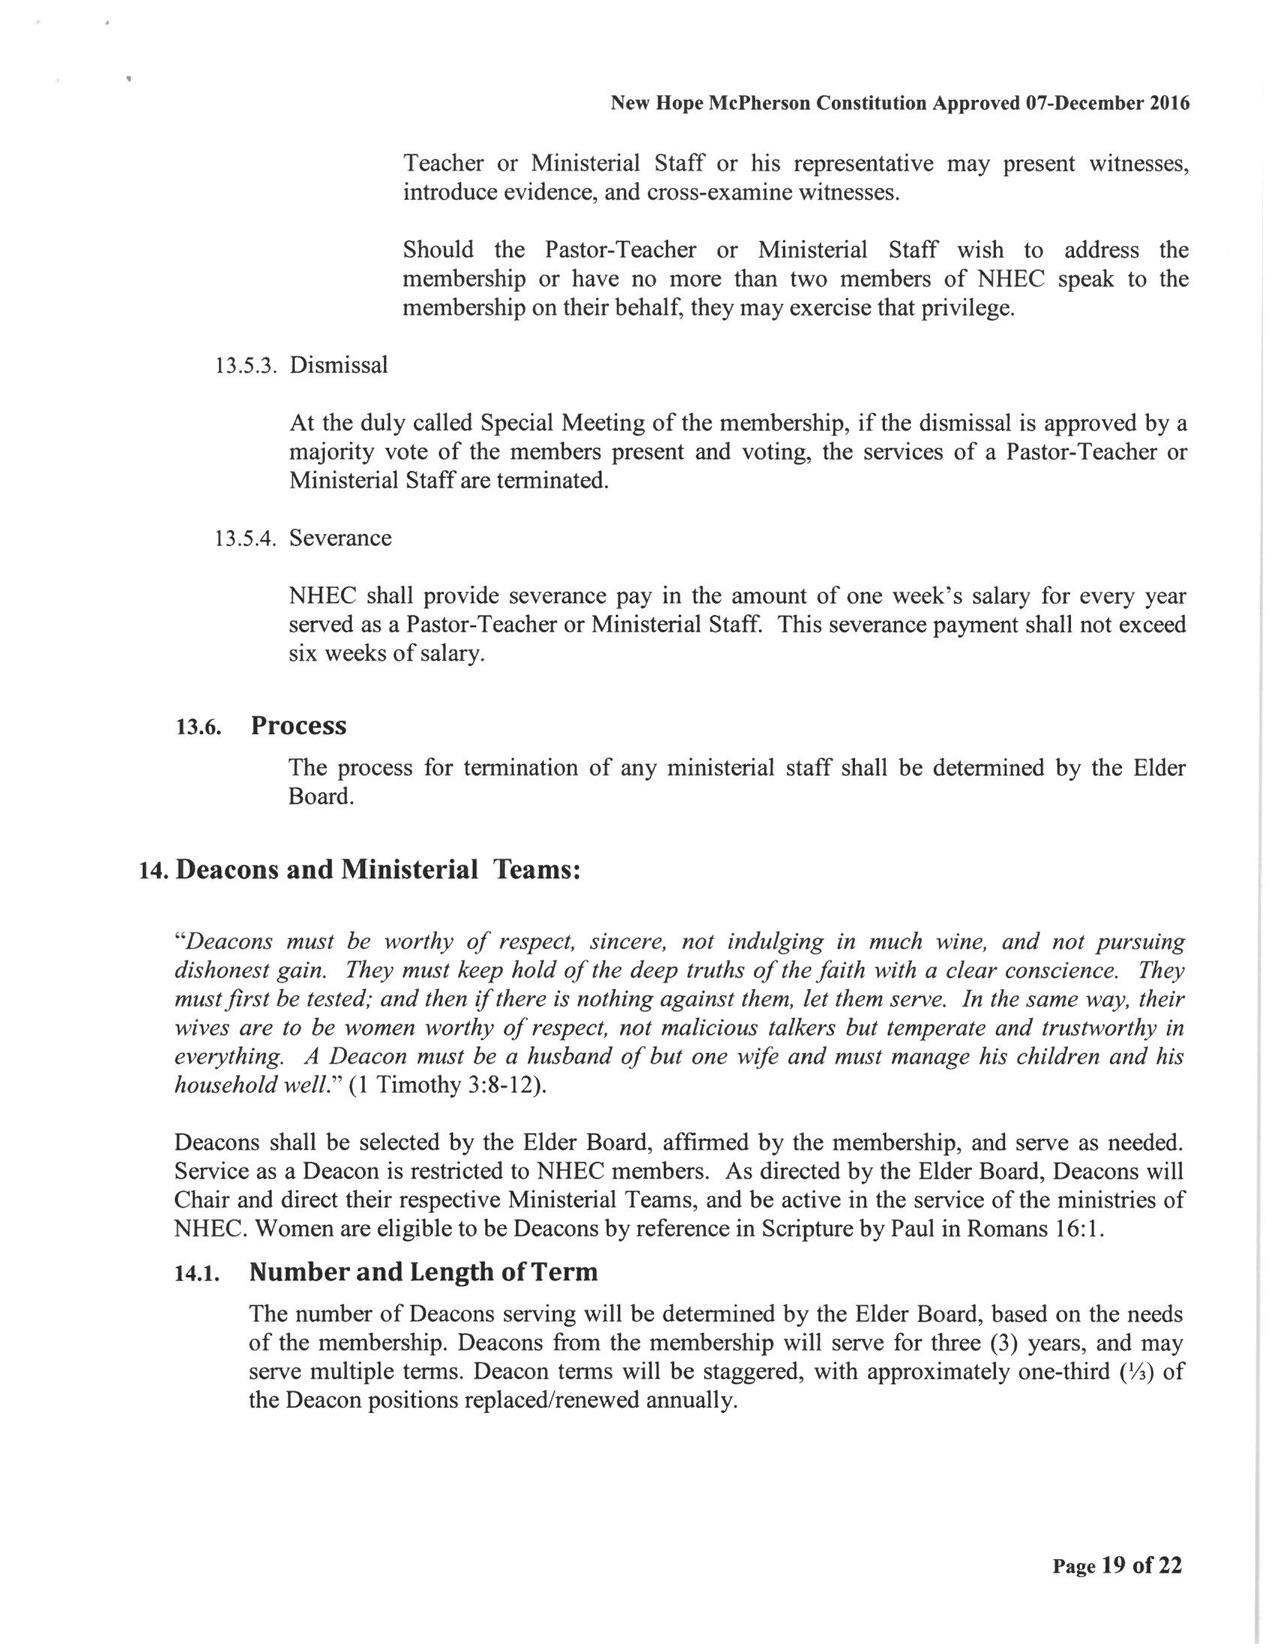 Constitution 29.jpg